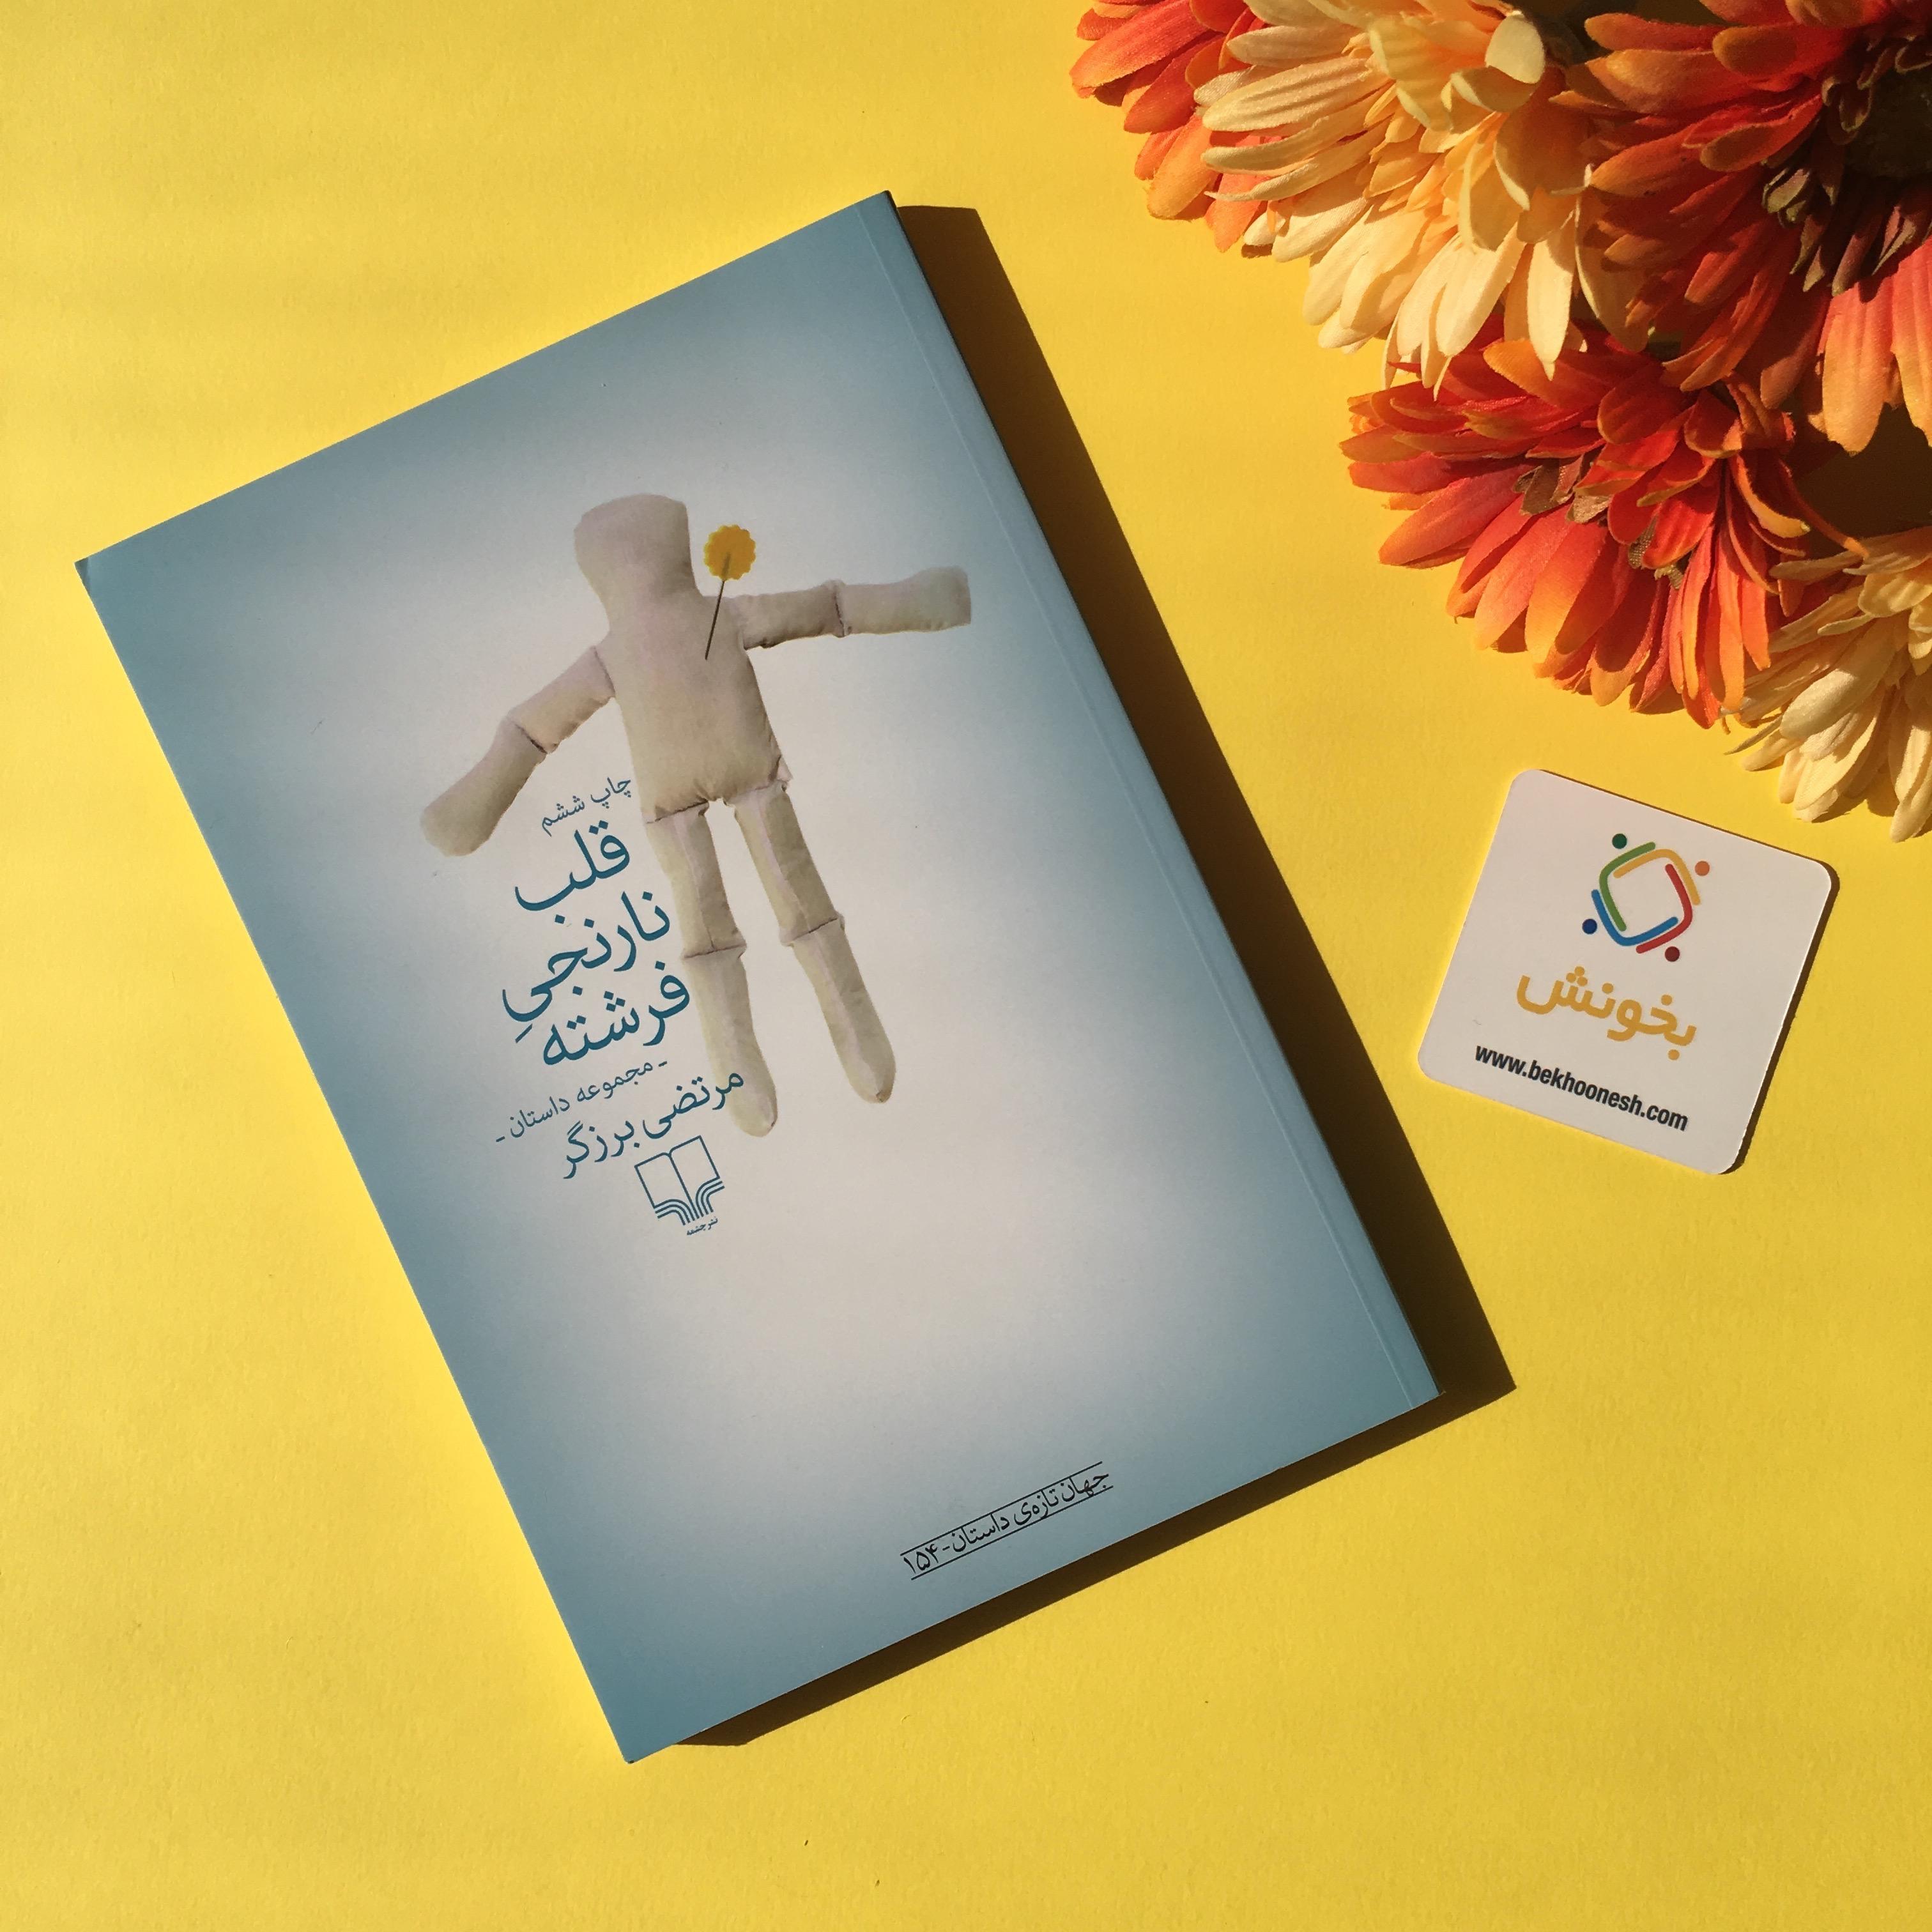 معرفی کتاب قلب نارنجی فرشته - مرتضی برزگر